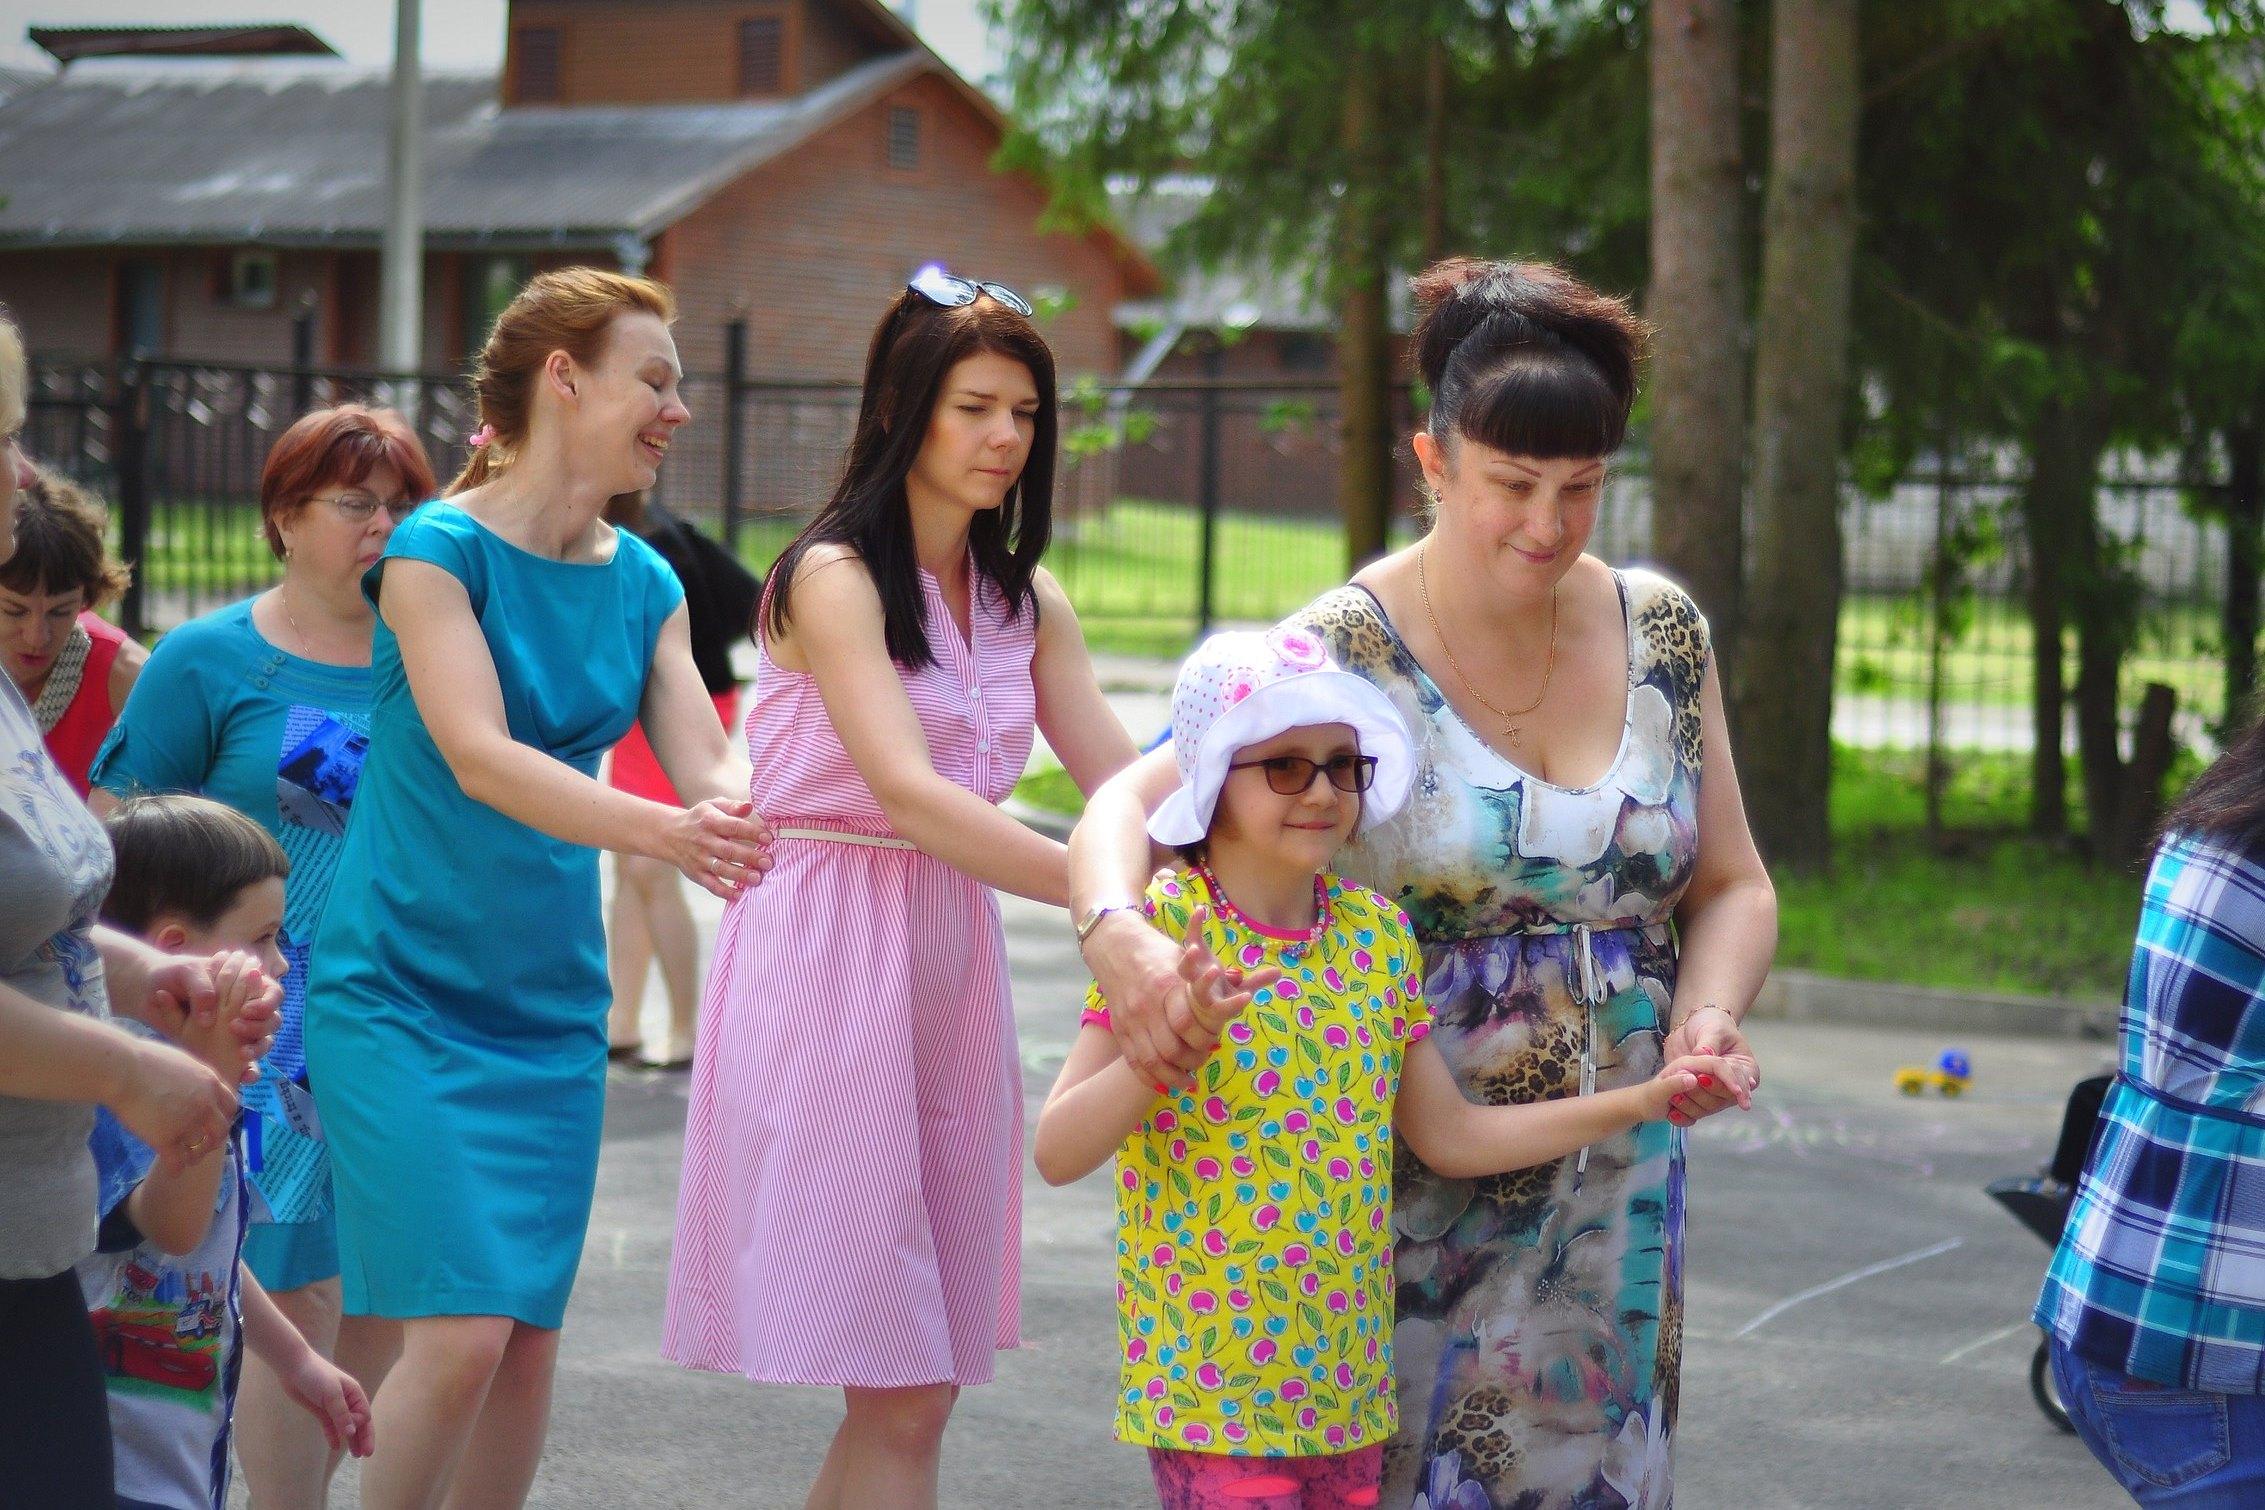 24.06.2016, вып. в Лесовичке, фото О. Сидяковой, 09